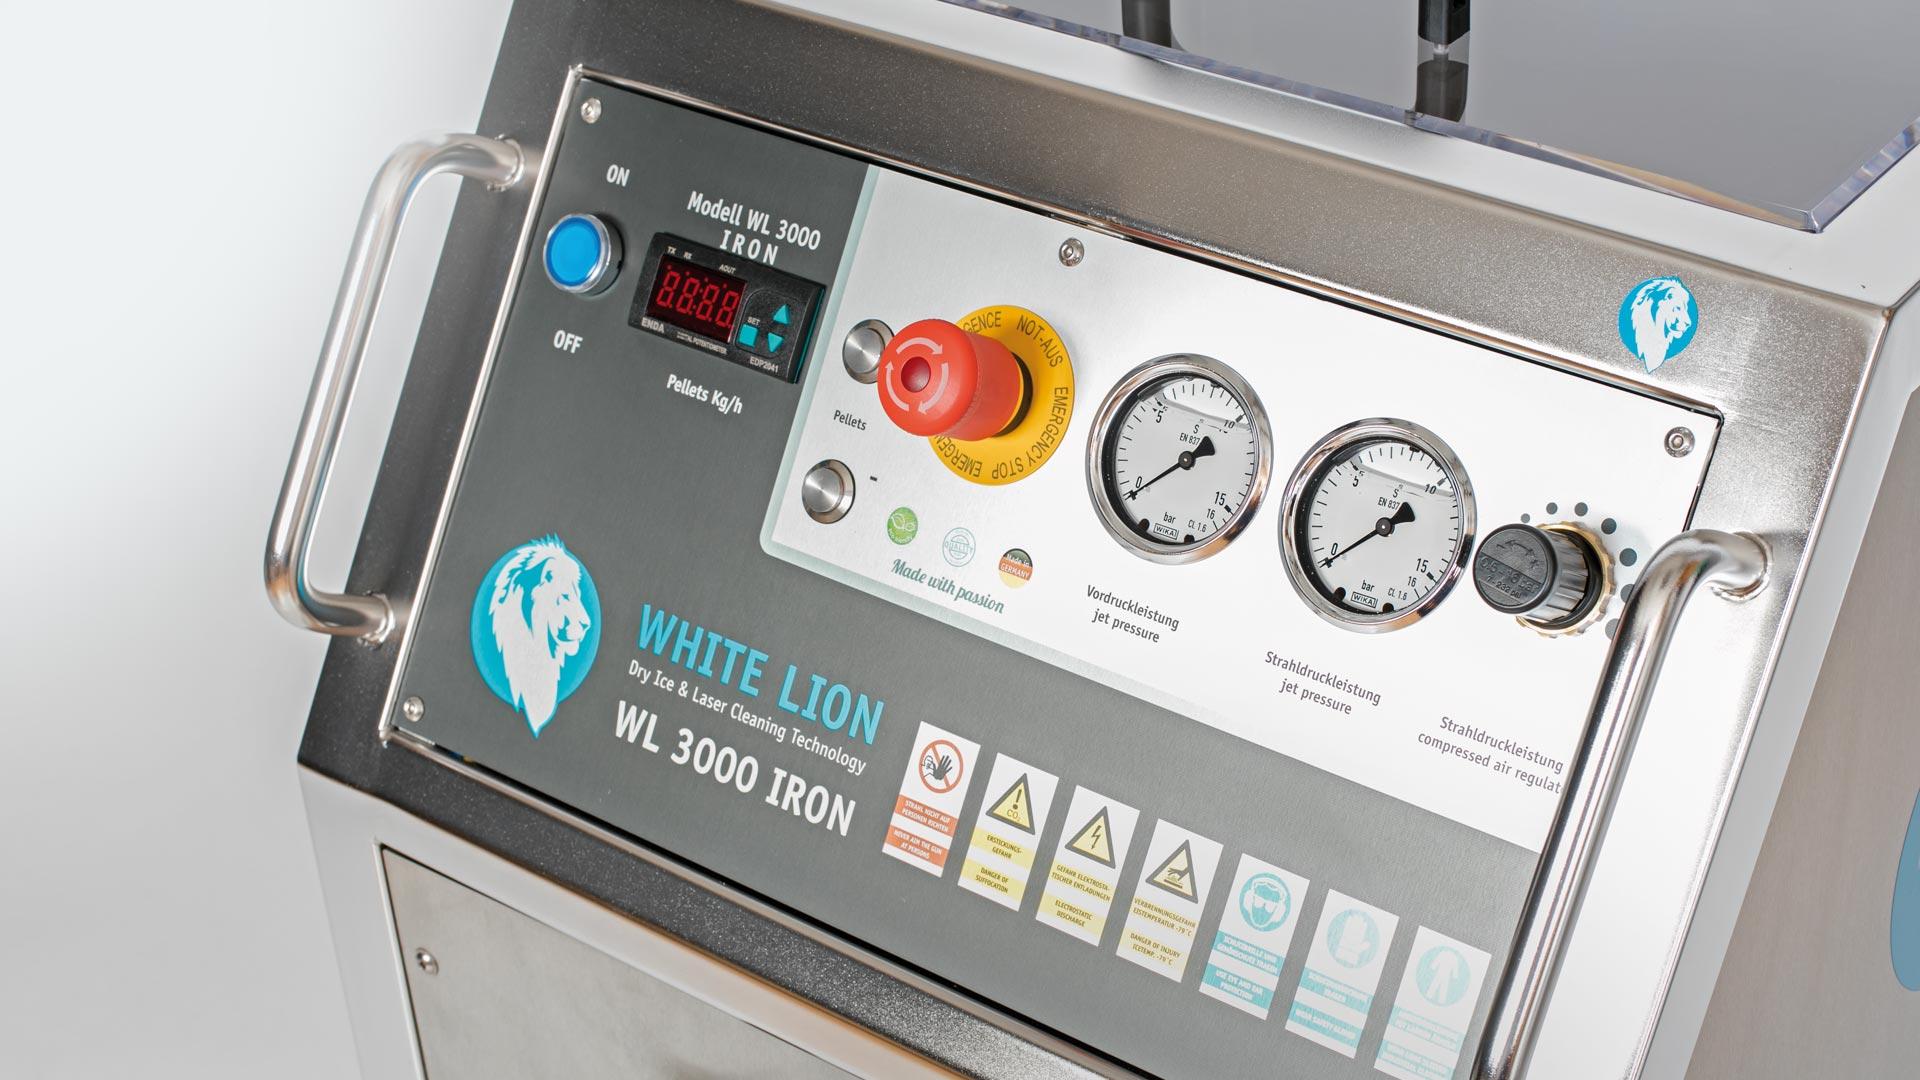 Trockeneisstrahlgerät WL 3000 Iron Display